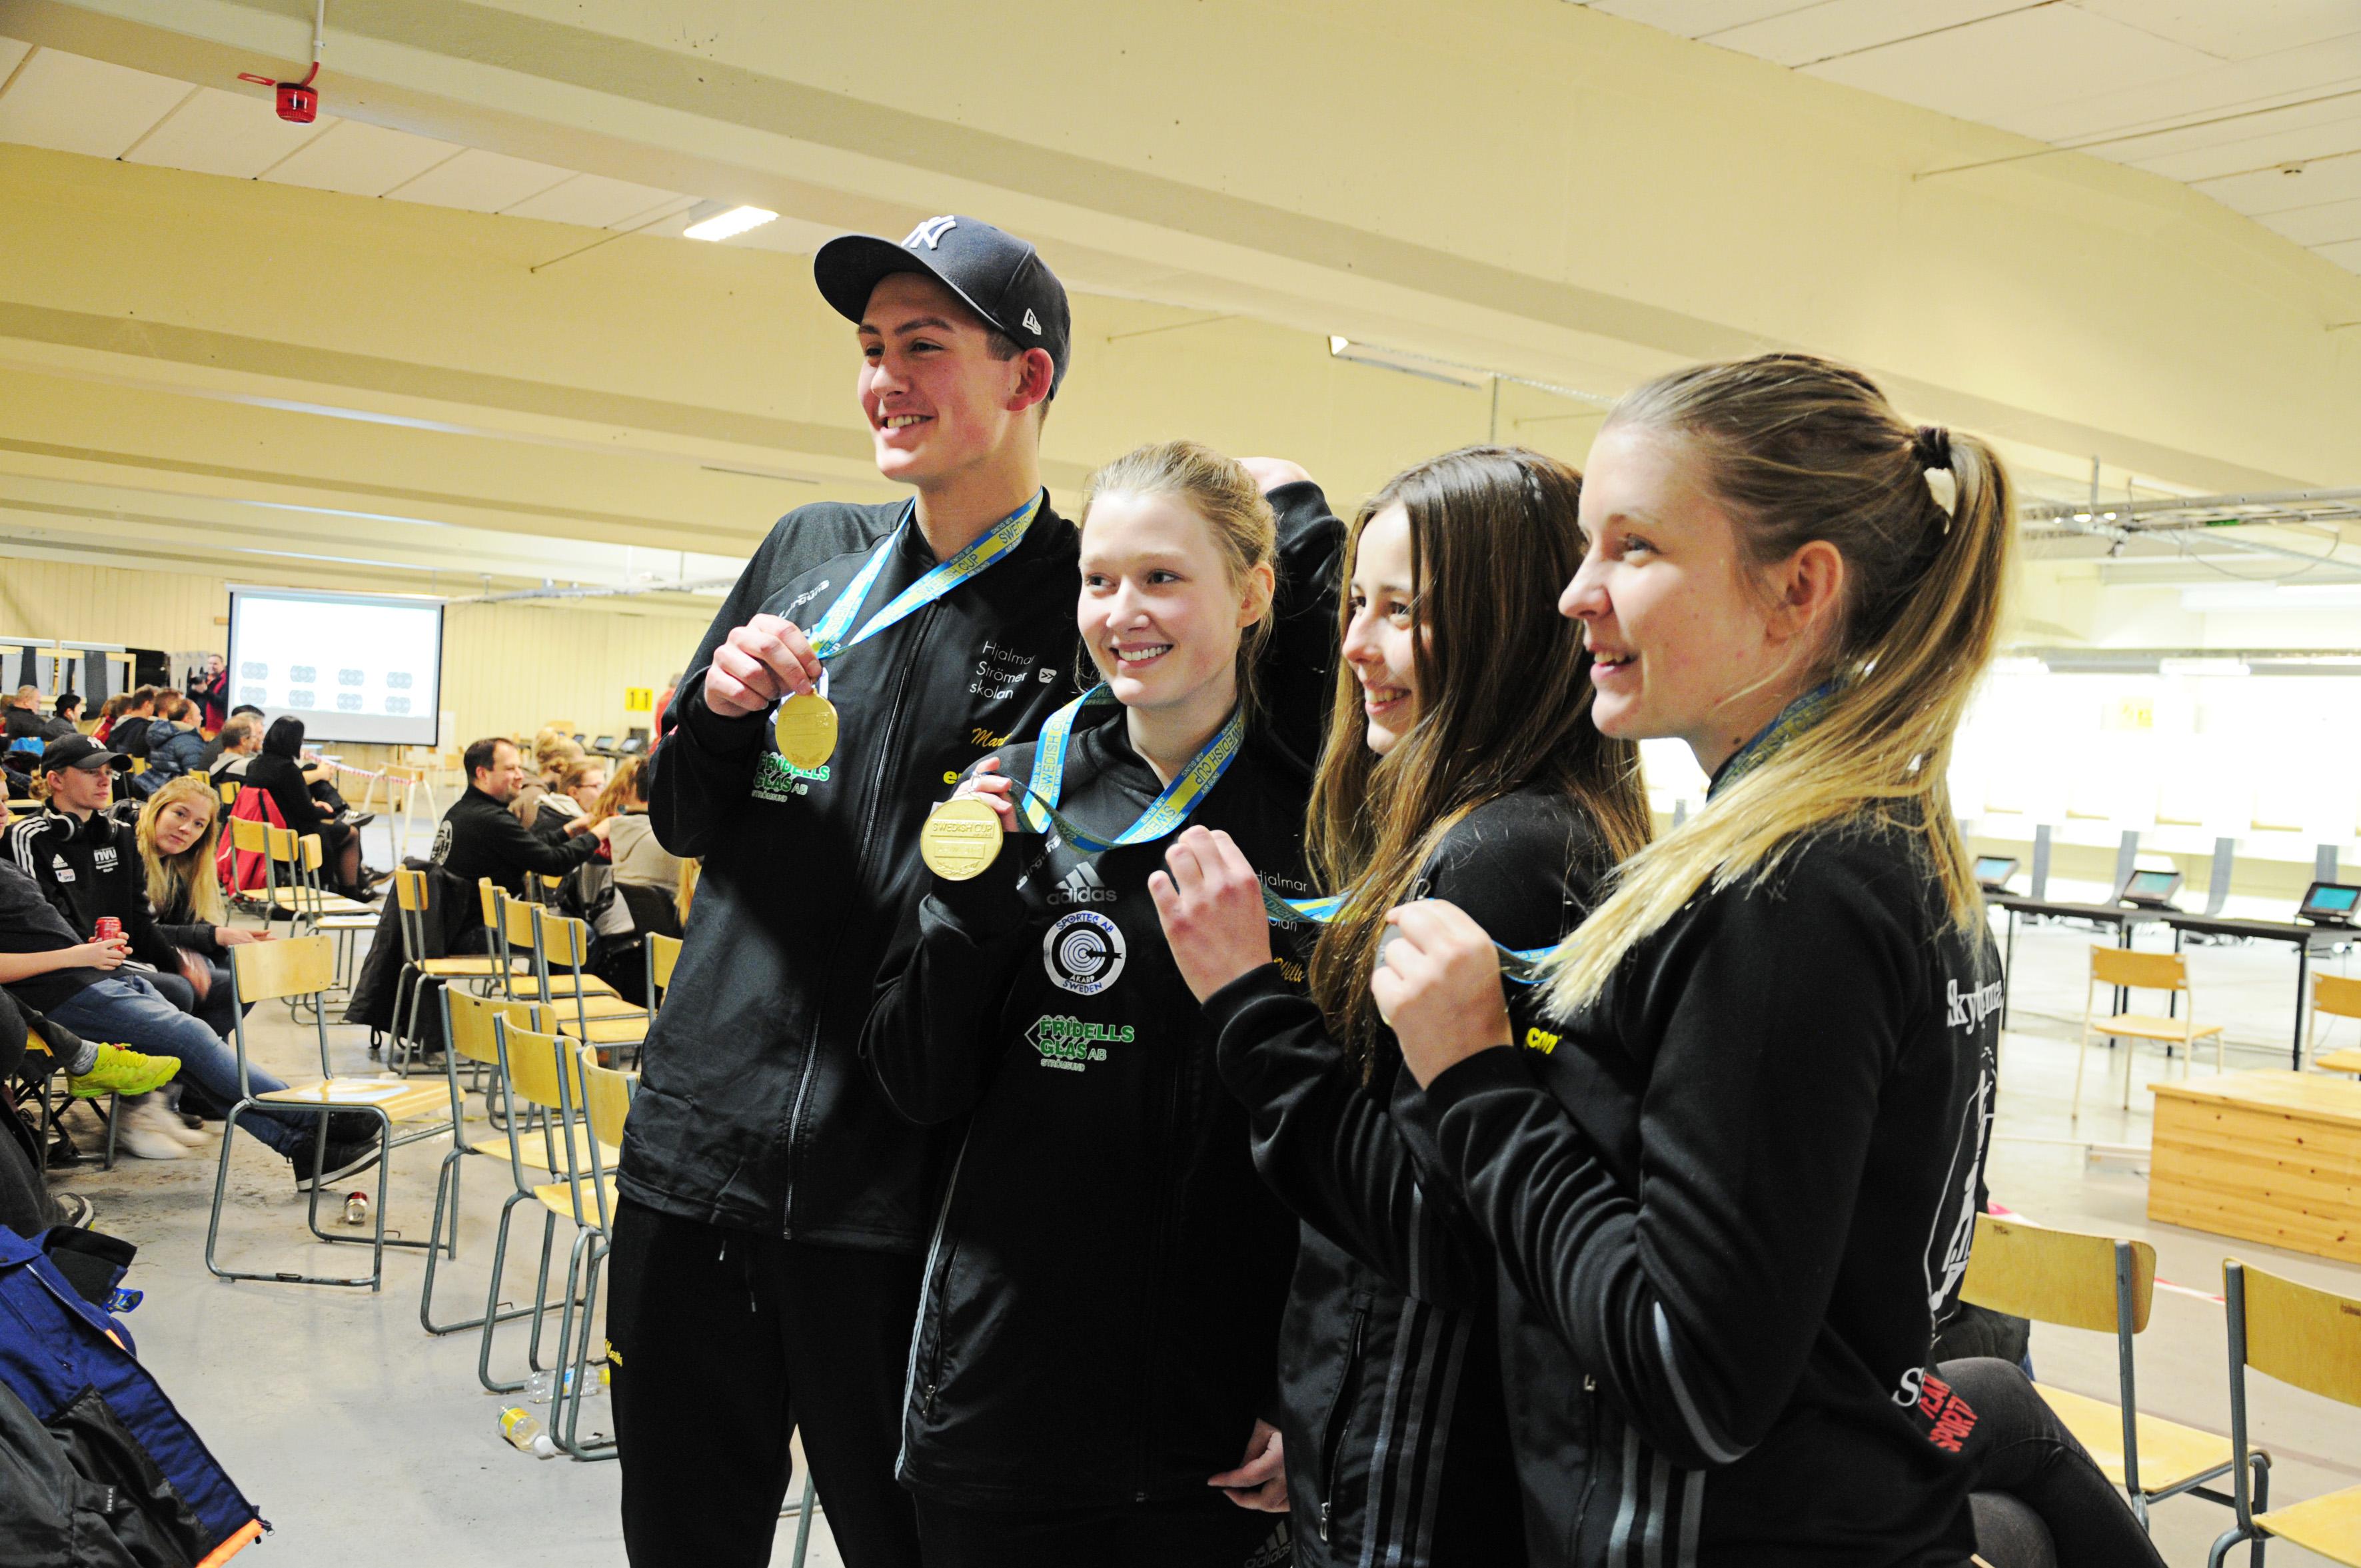 Foto: Svenska Skyttesportförbundet Några av medaljörerna: Martin, Rebecka, Malin och Anna.